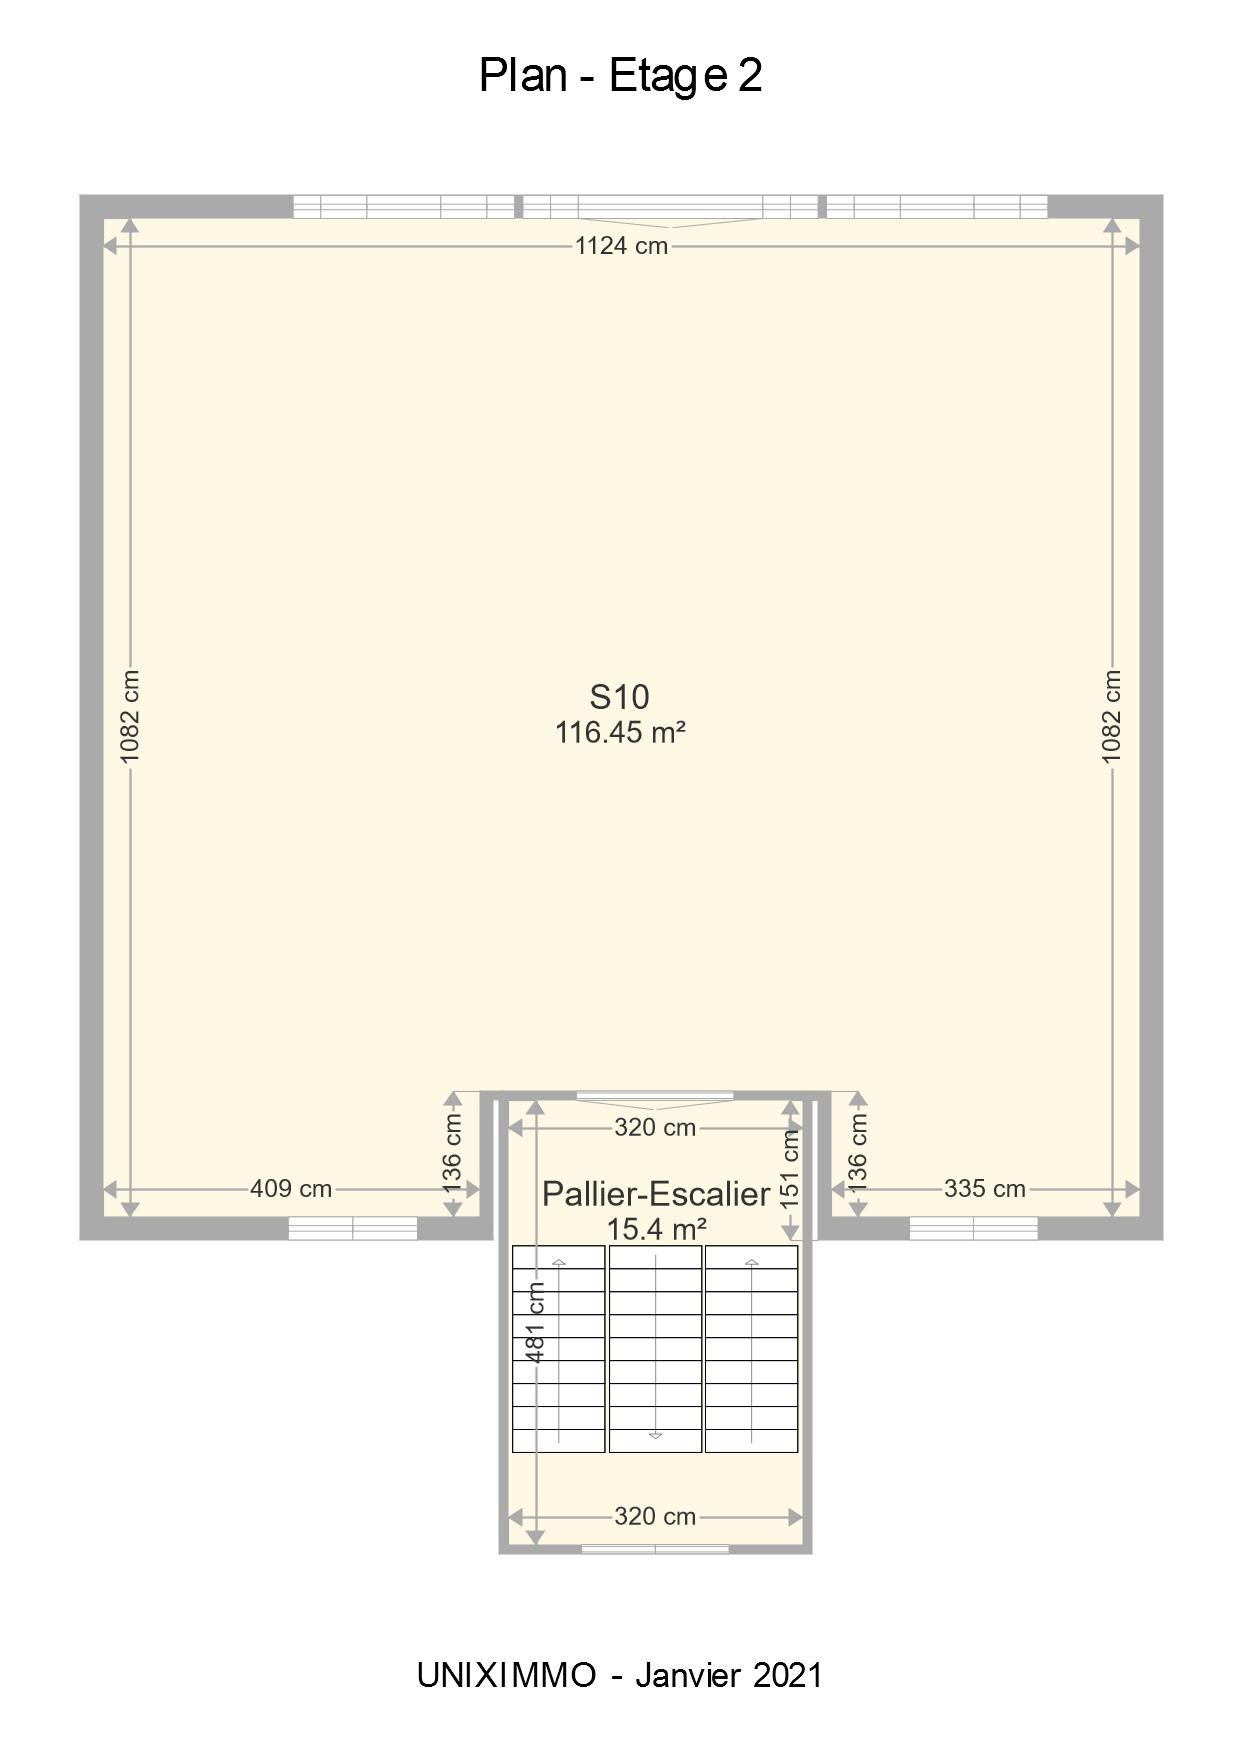 Plan de l'étage 2